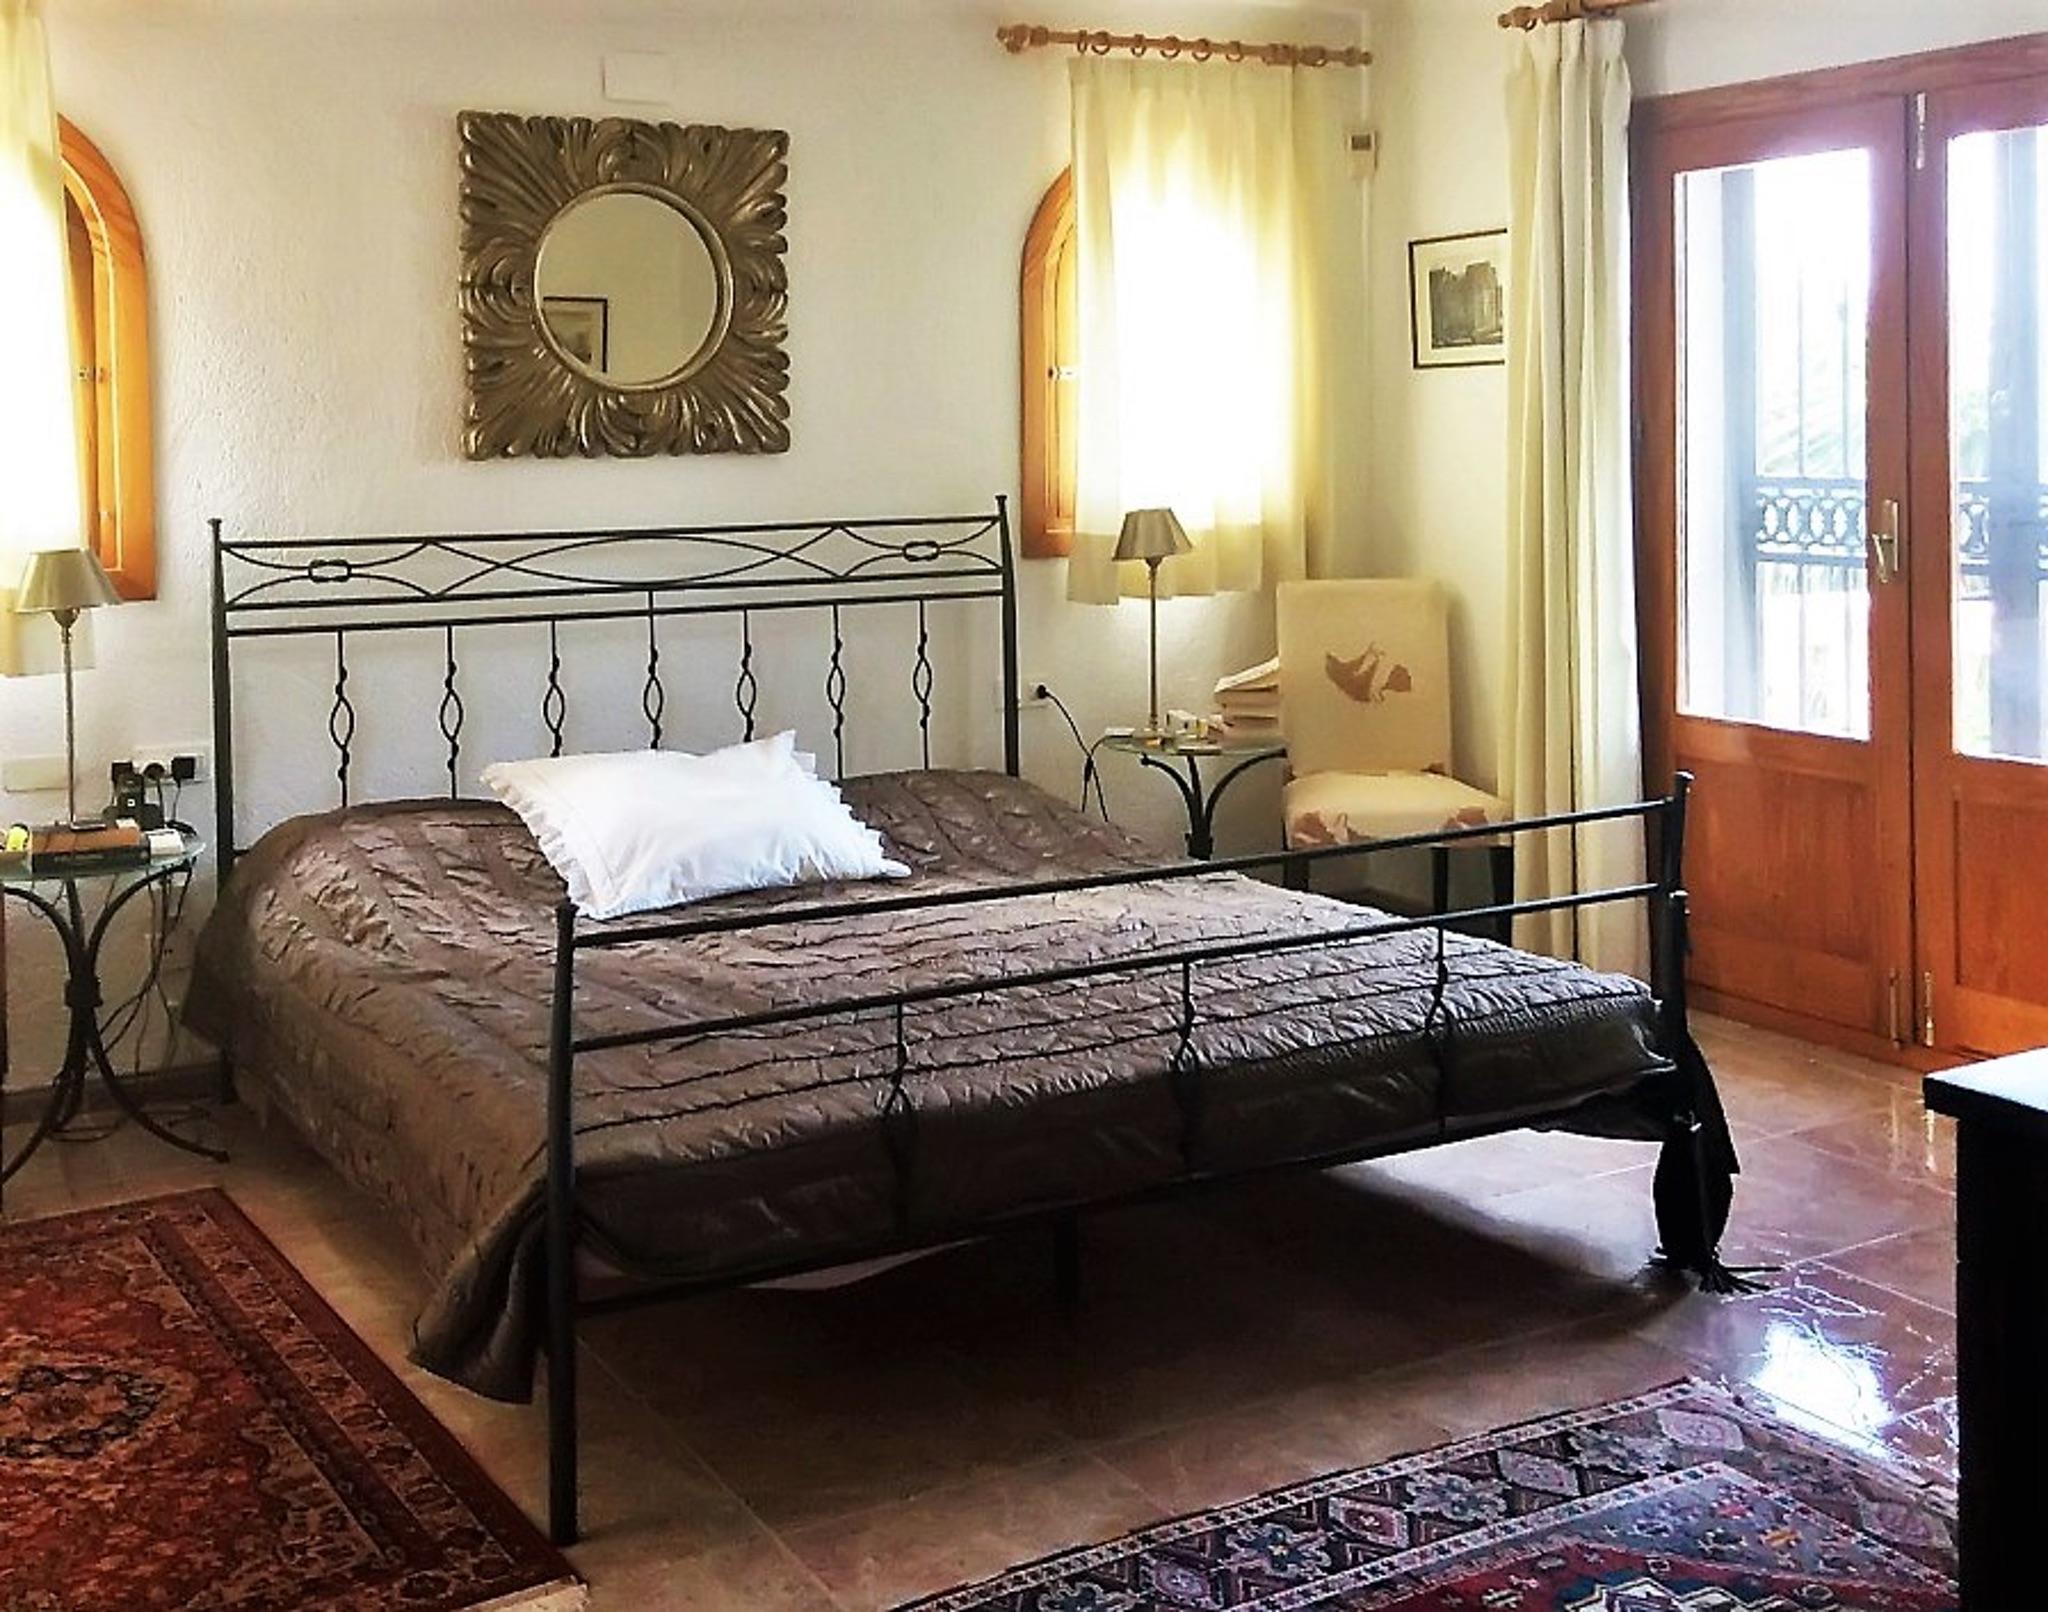 Ferienhaus Geräumige Villa mit fünf Schlafzimmer in Javea mit möblierter Terrasse, Pool und toller Au (2201168), Jávea, Costa Blanca, Valencia, Spanien, Bild 10